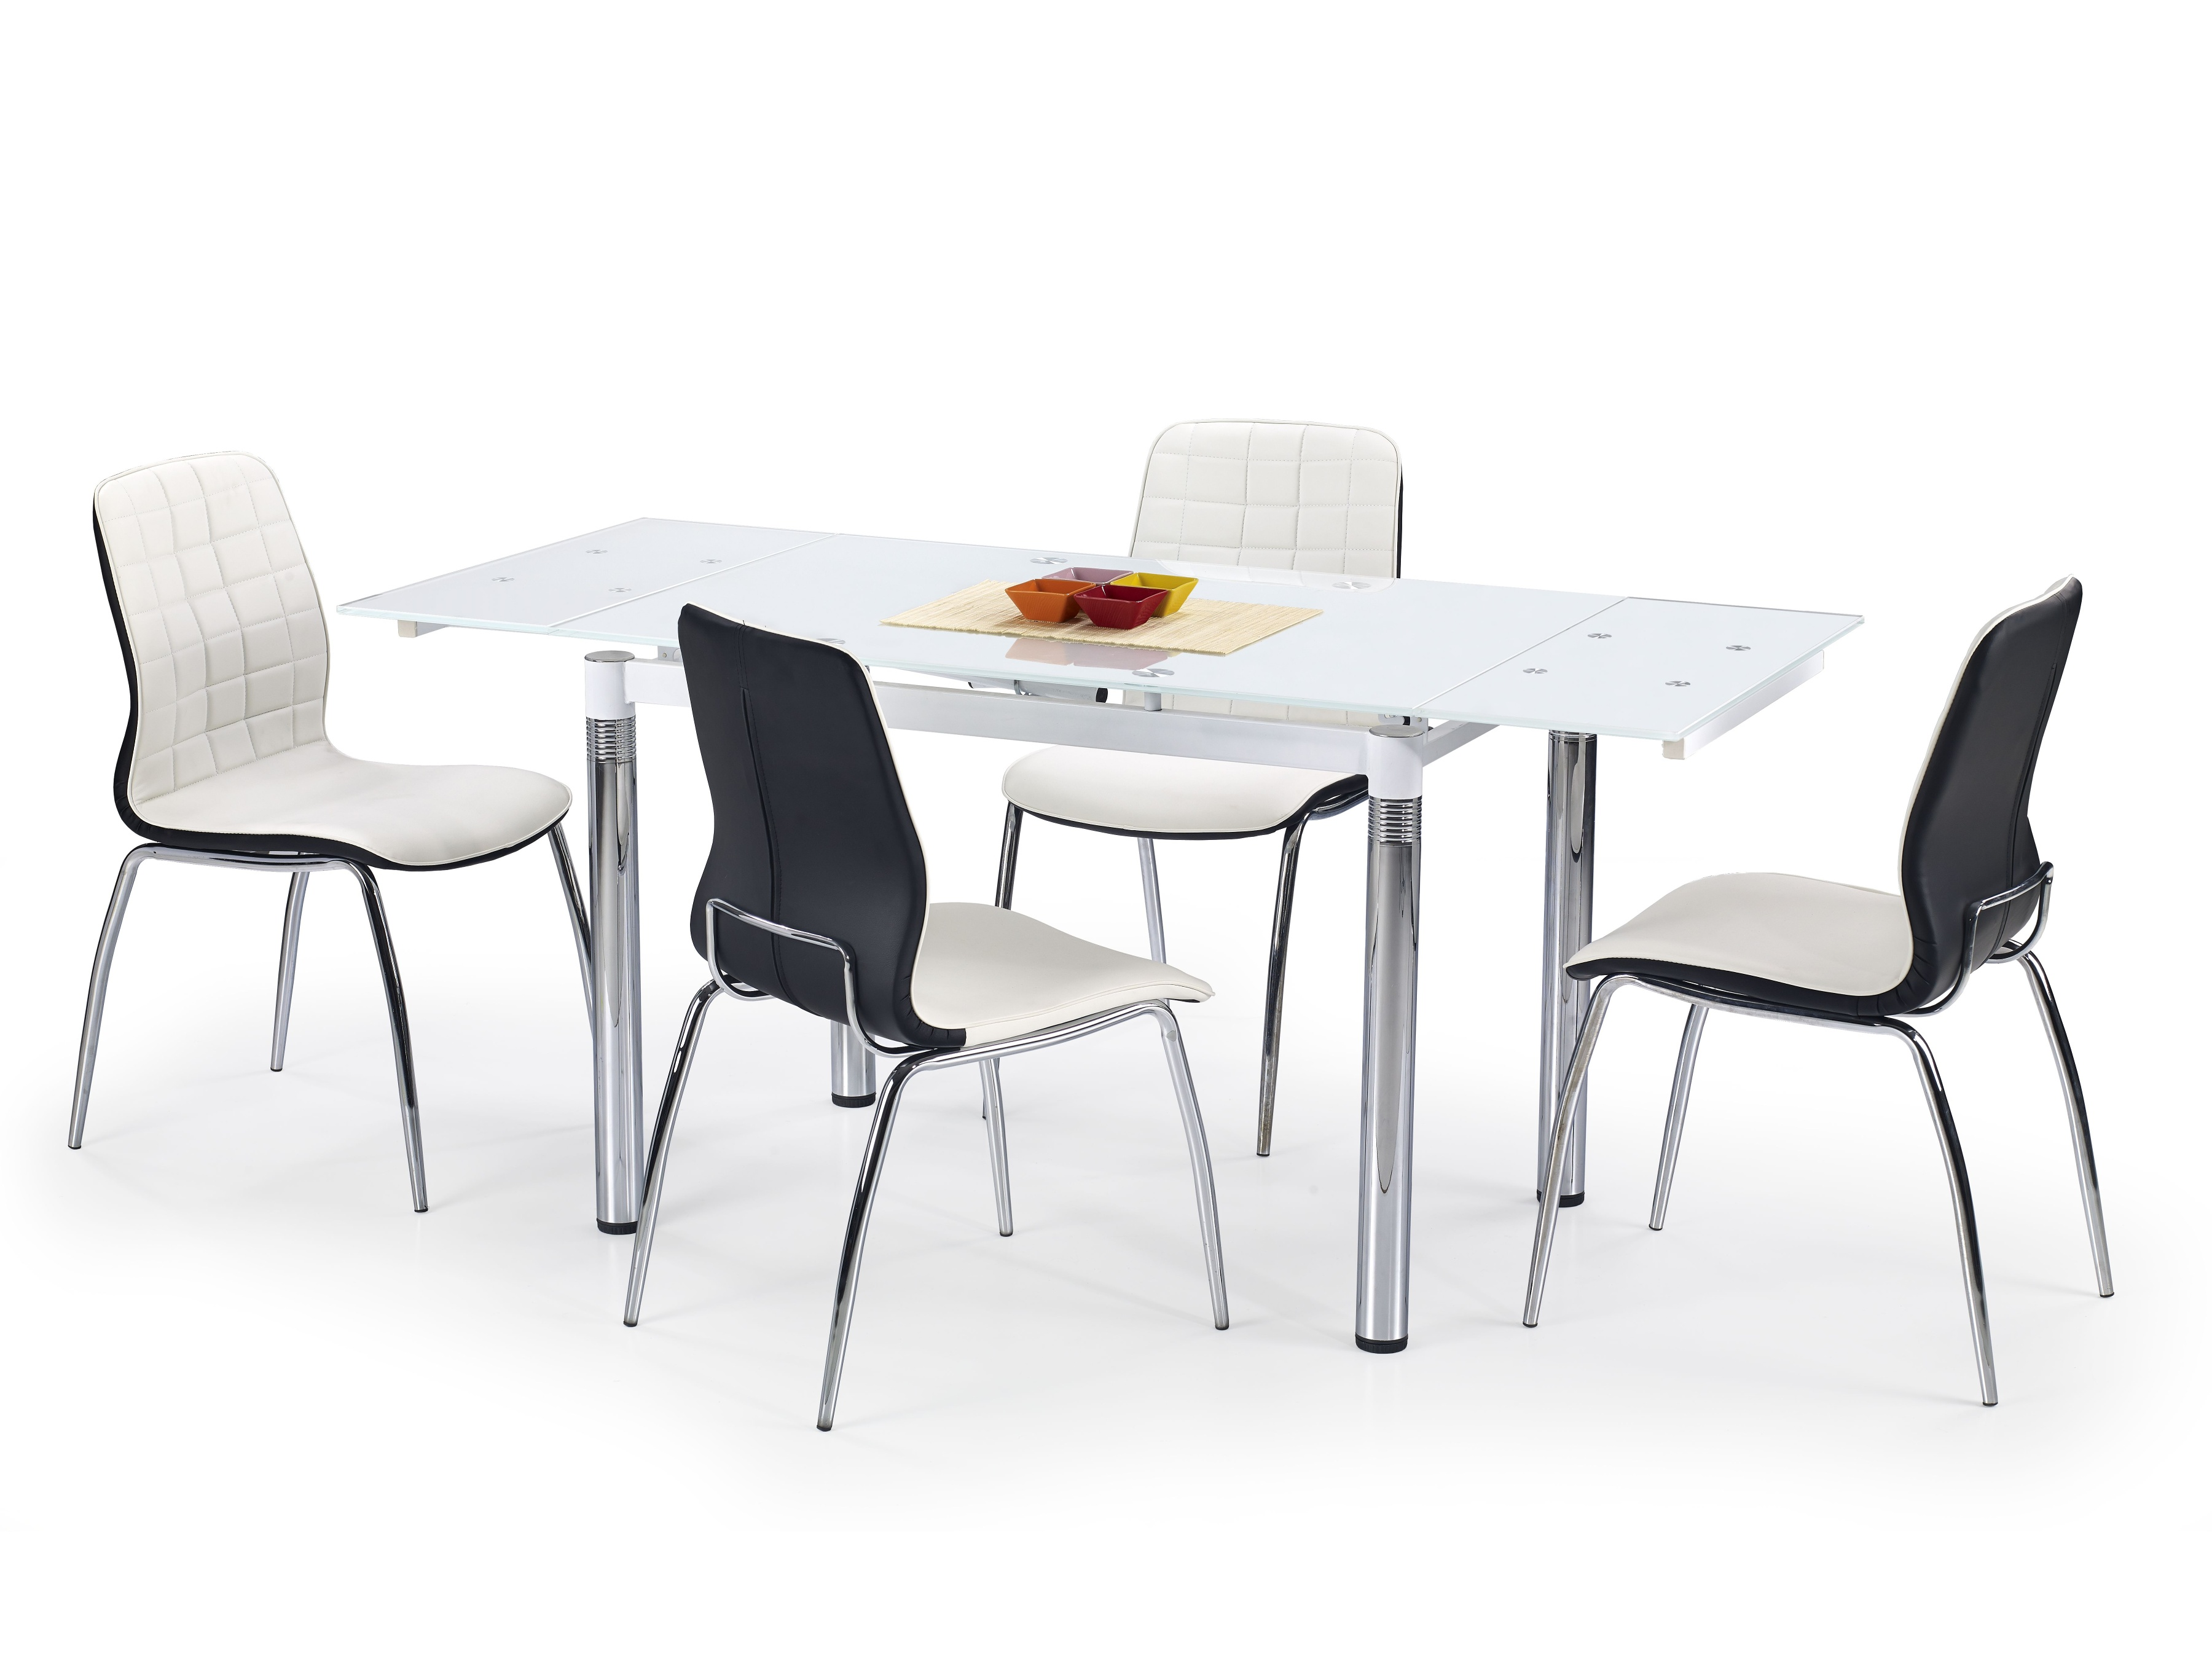 Jedálenský stôl - Halmar - L31 biela (pre 4 až 6 osôb)